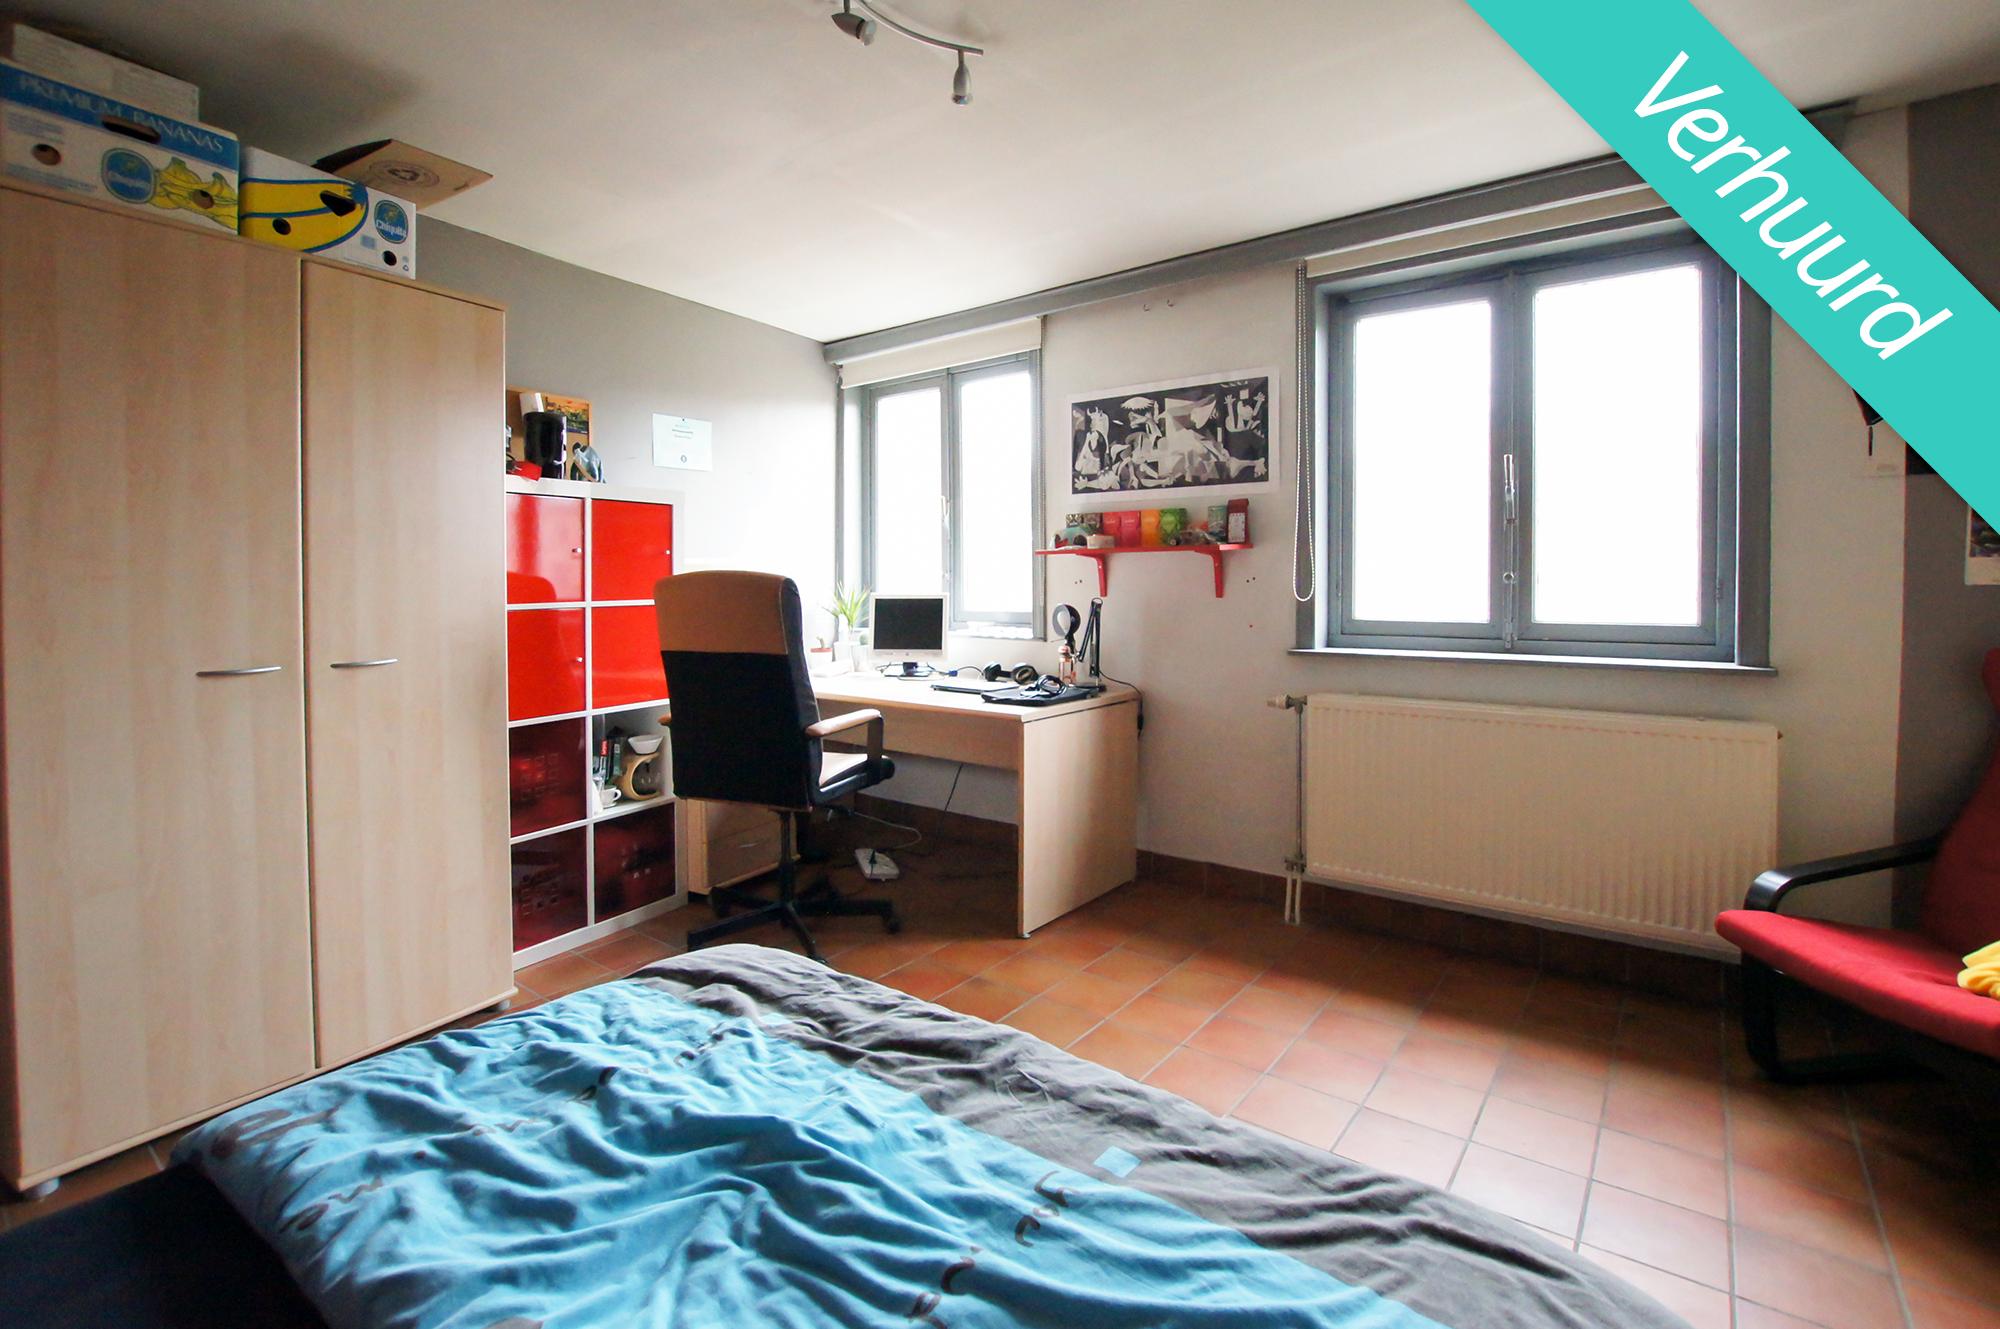 Kamer 9 - Edward van Evenstraat 10-12 - kot verhuurd